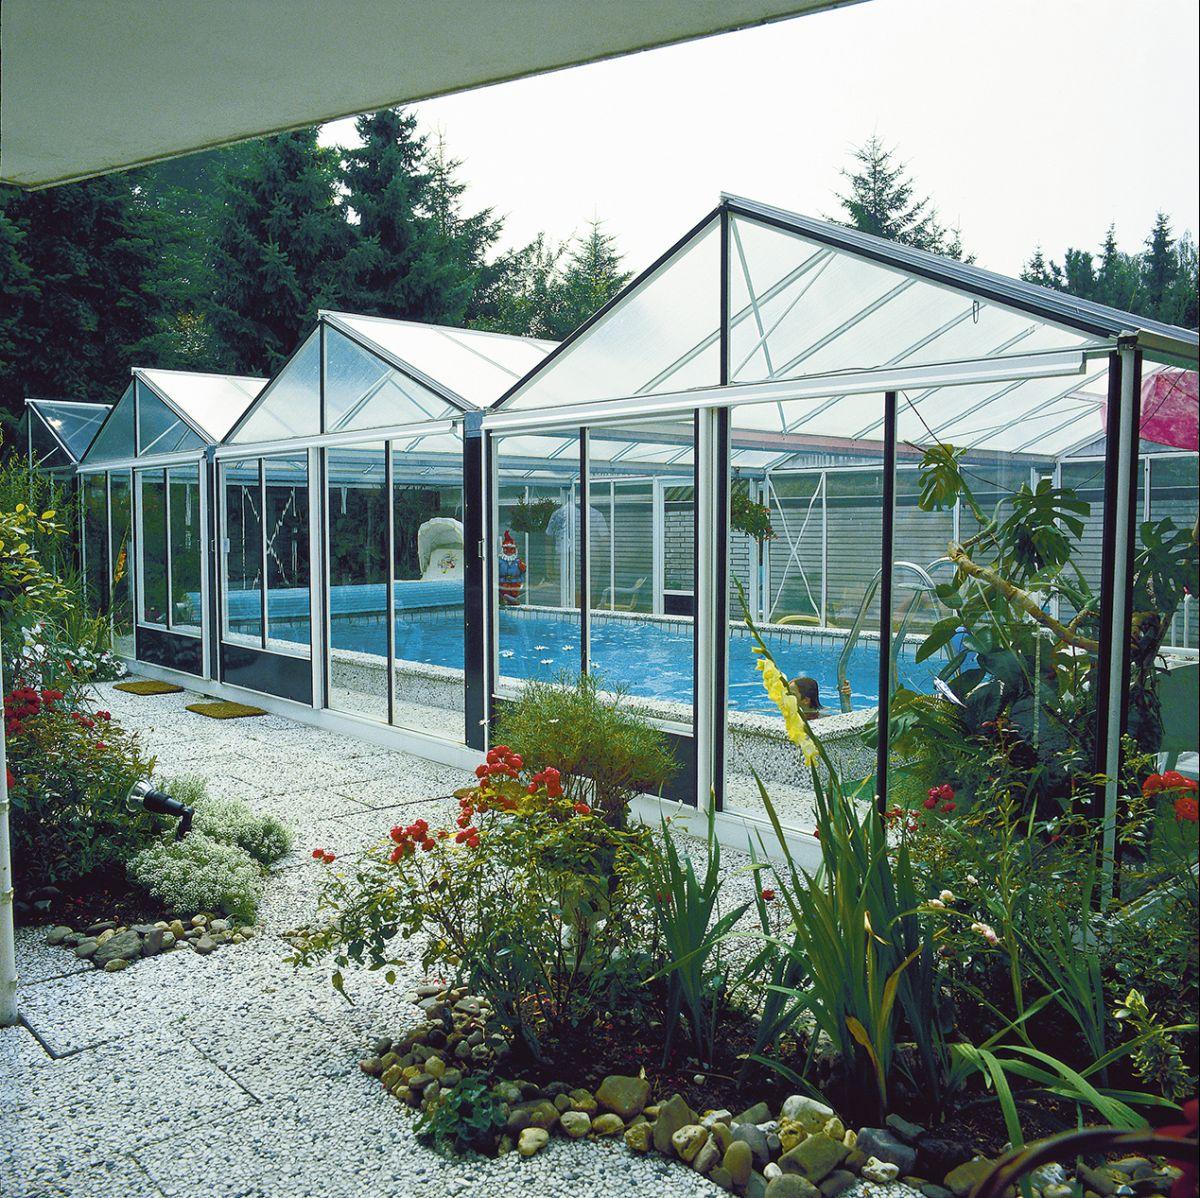 zwembad overkappingen startpagina voor tuin idee n uw